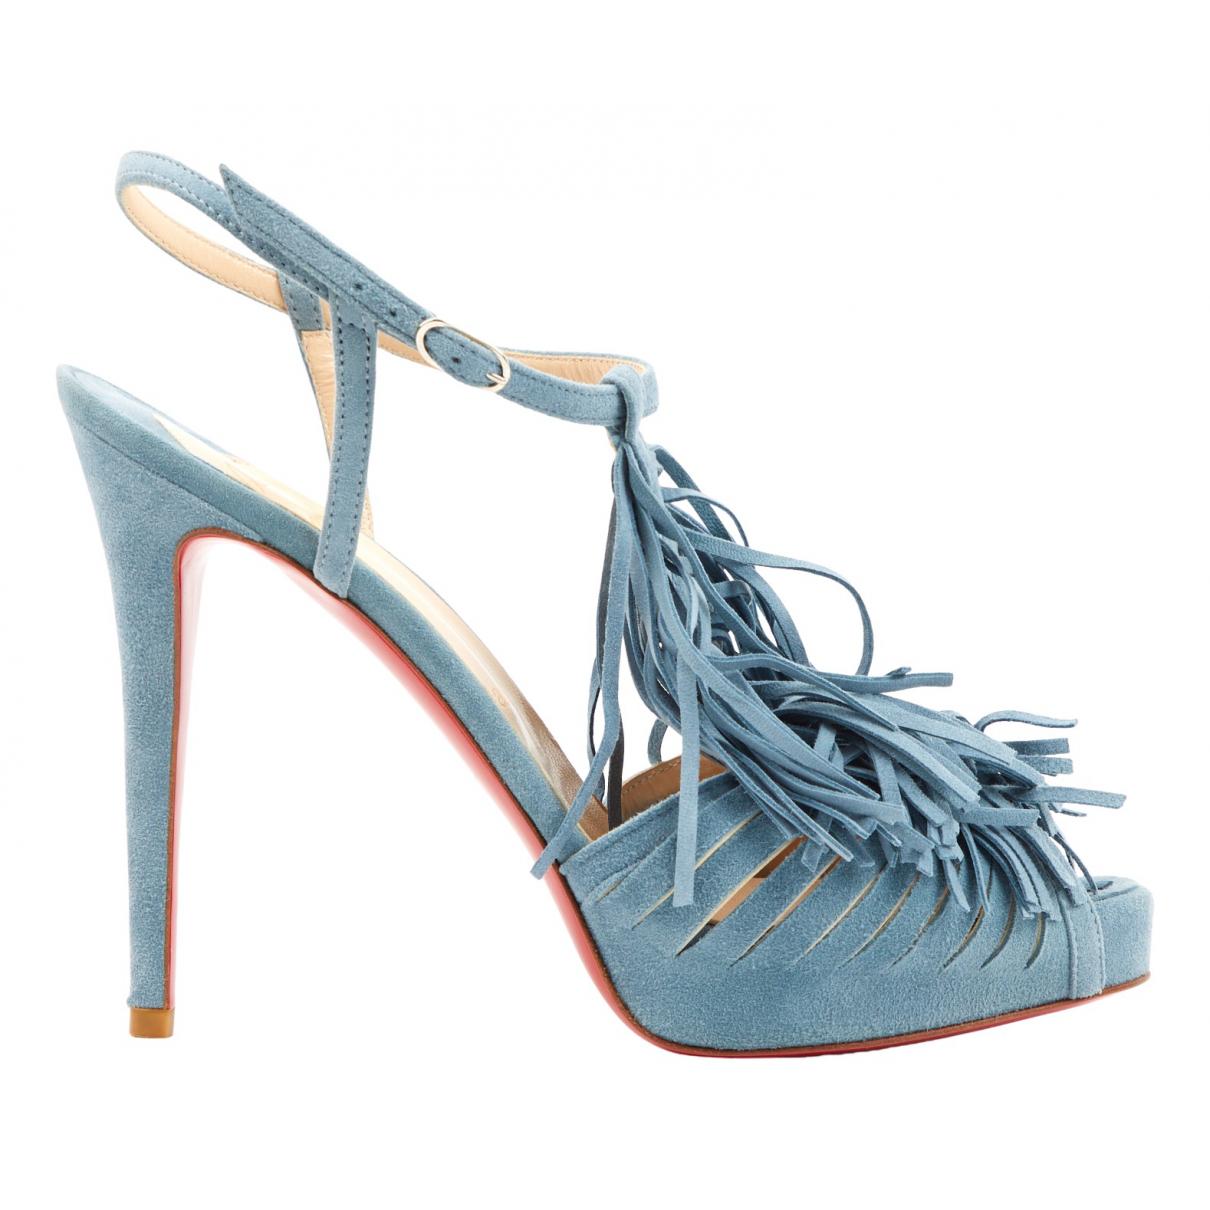 Christian Louboutin \N Blue Suede Sandals for Women 38.5 EU